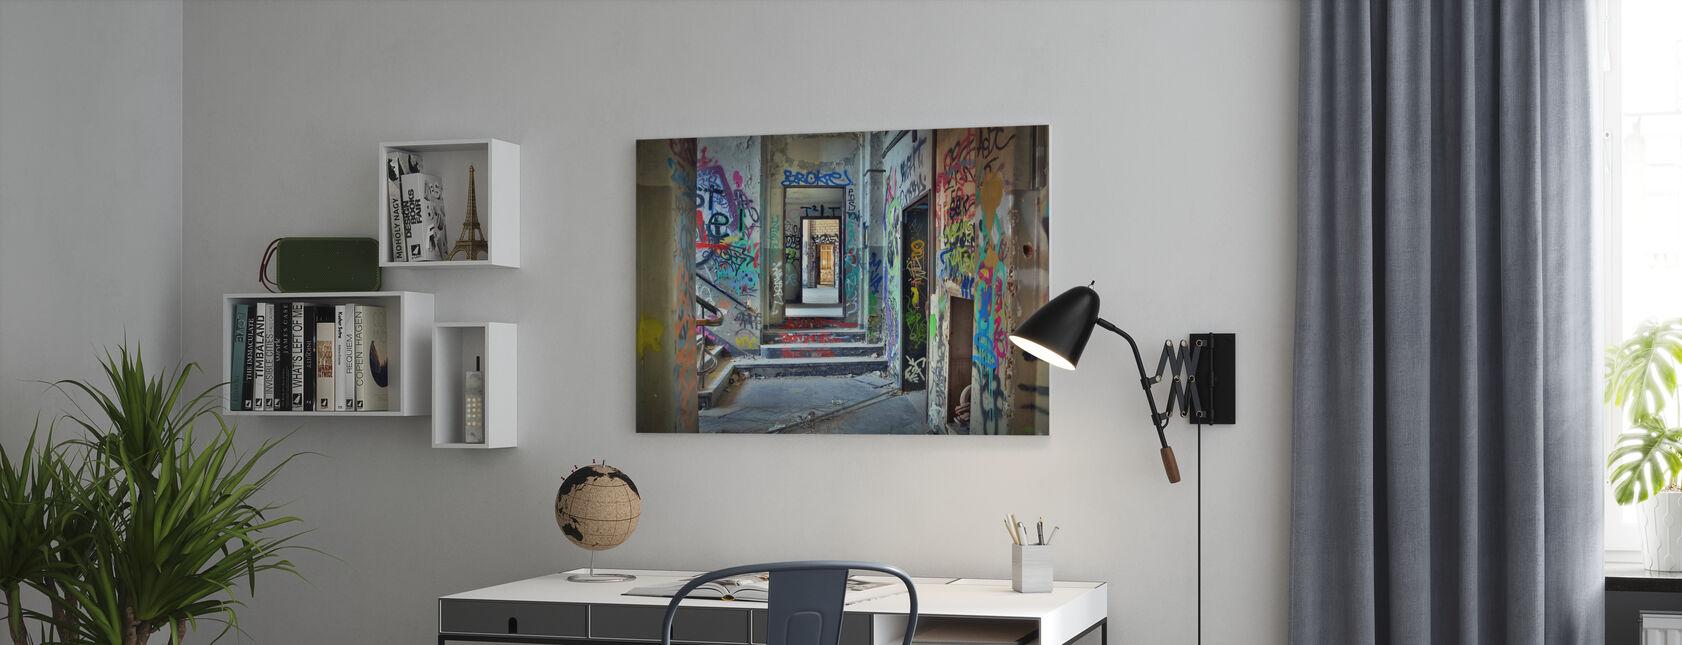 Ruïnes van industriële gebouwen - Canvas print - Kantoor